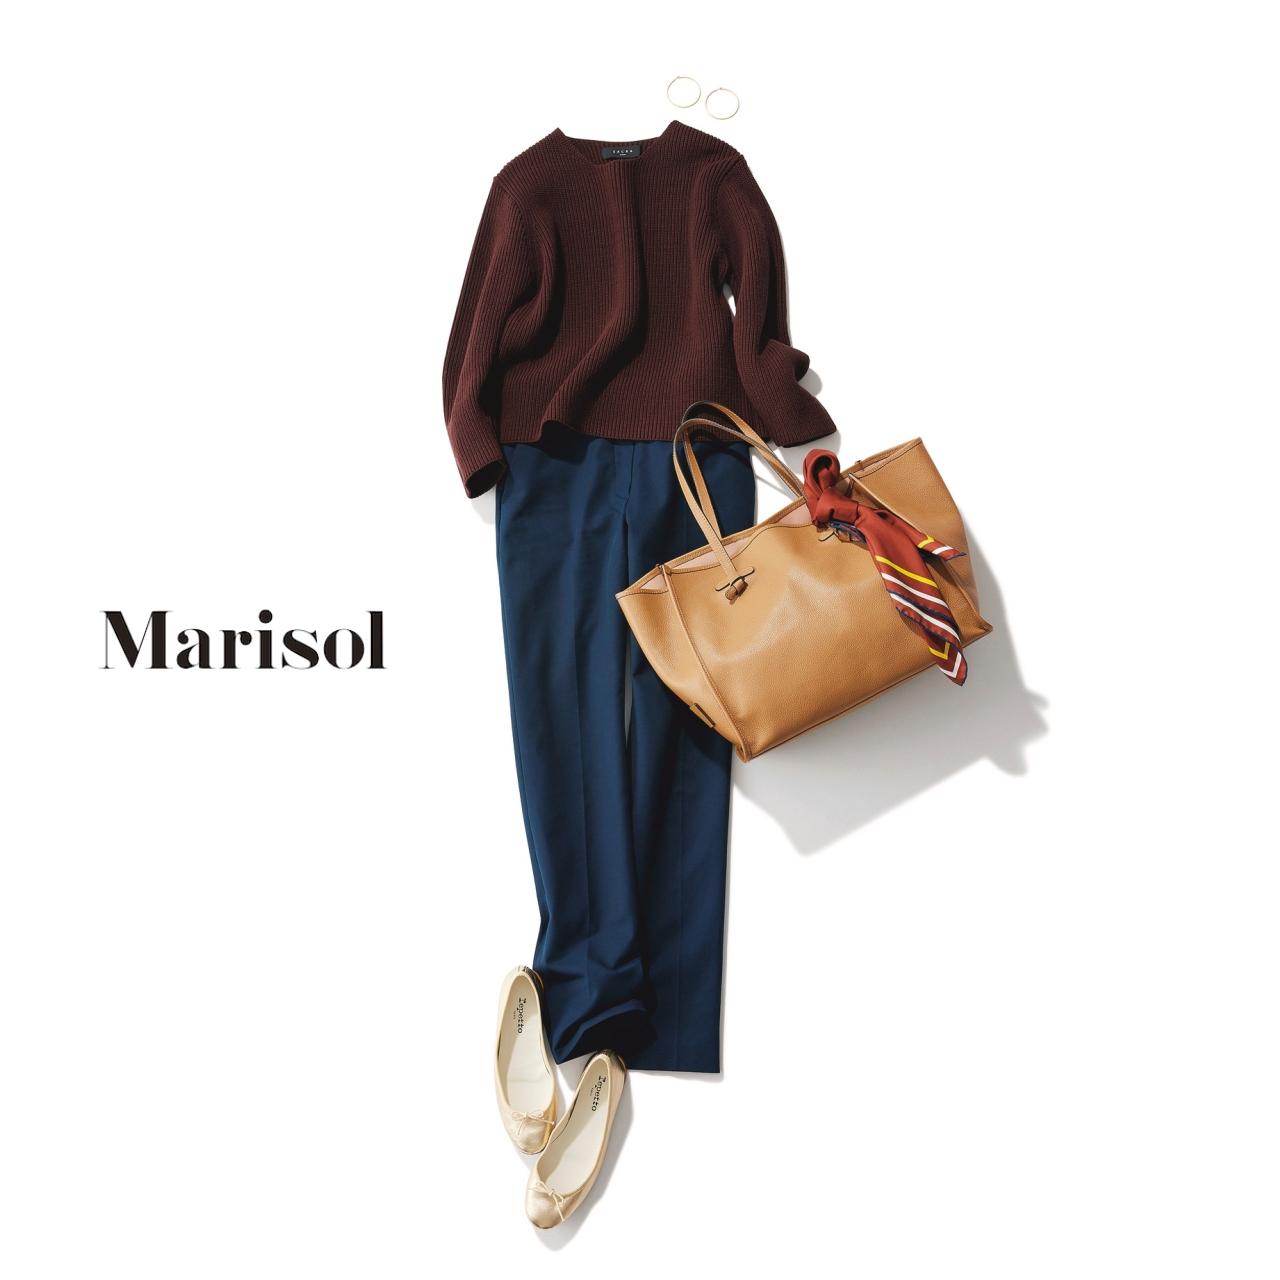 40代ファッション ブラウンニット×ネイビーパンツコーデ